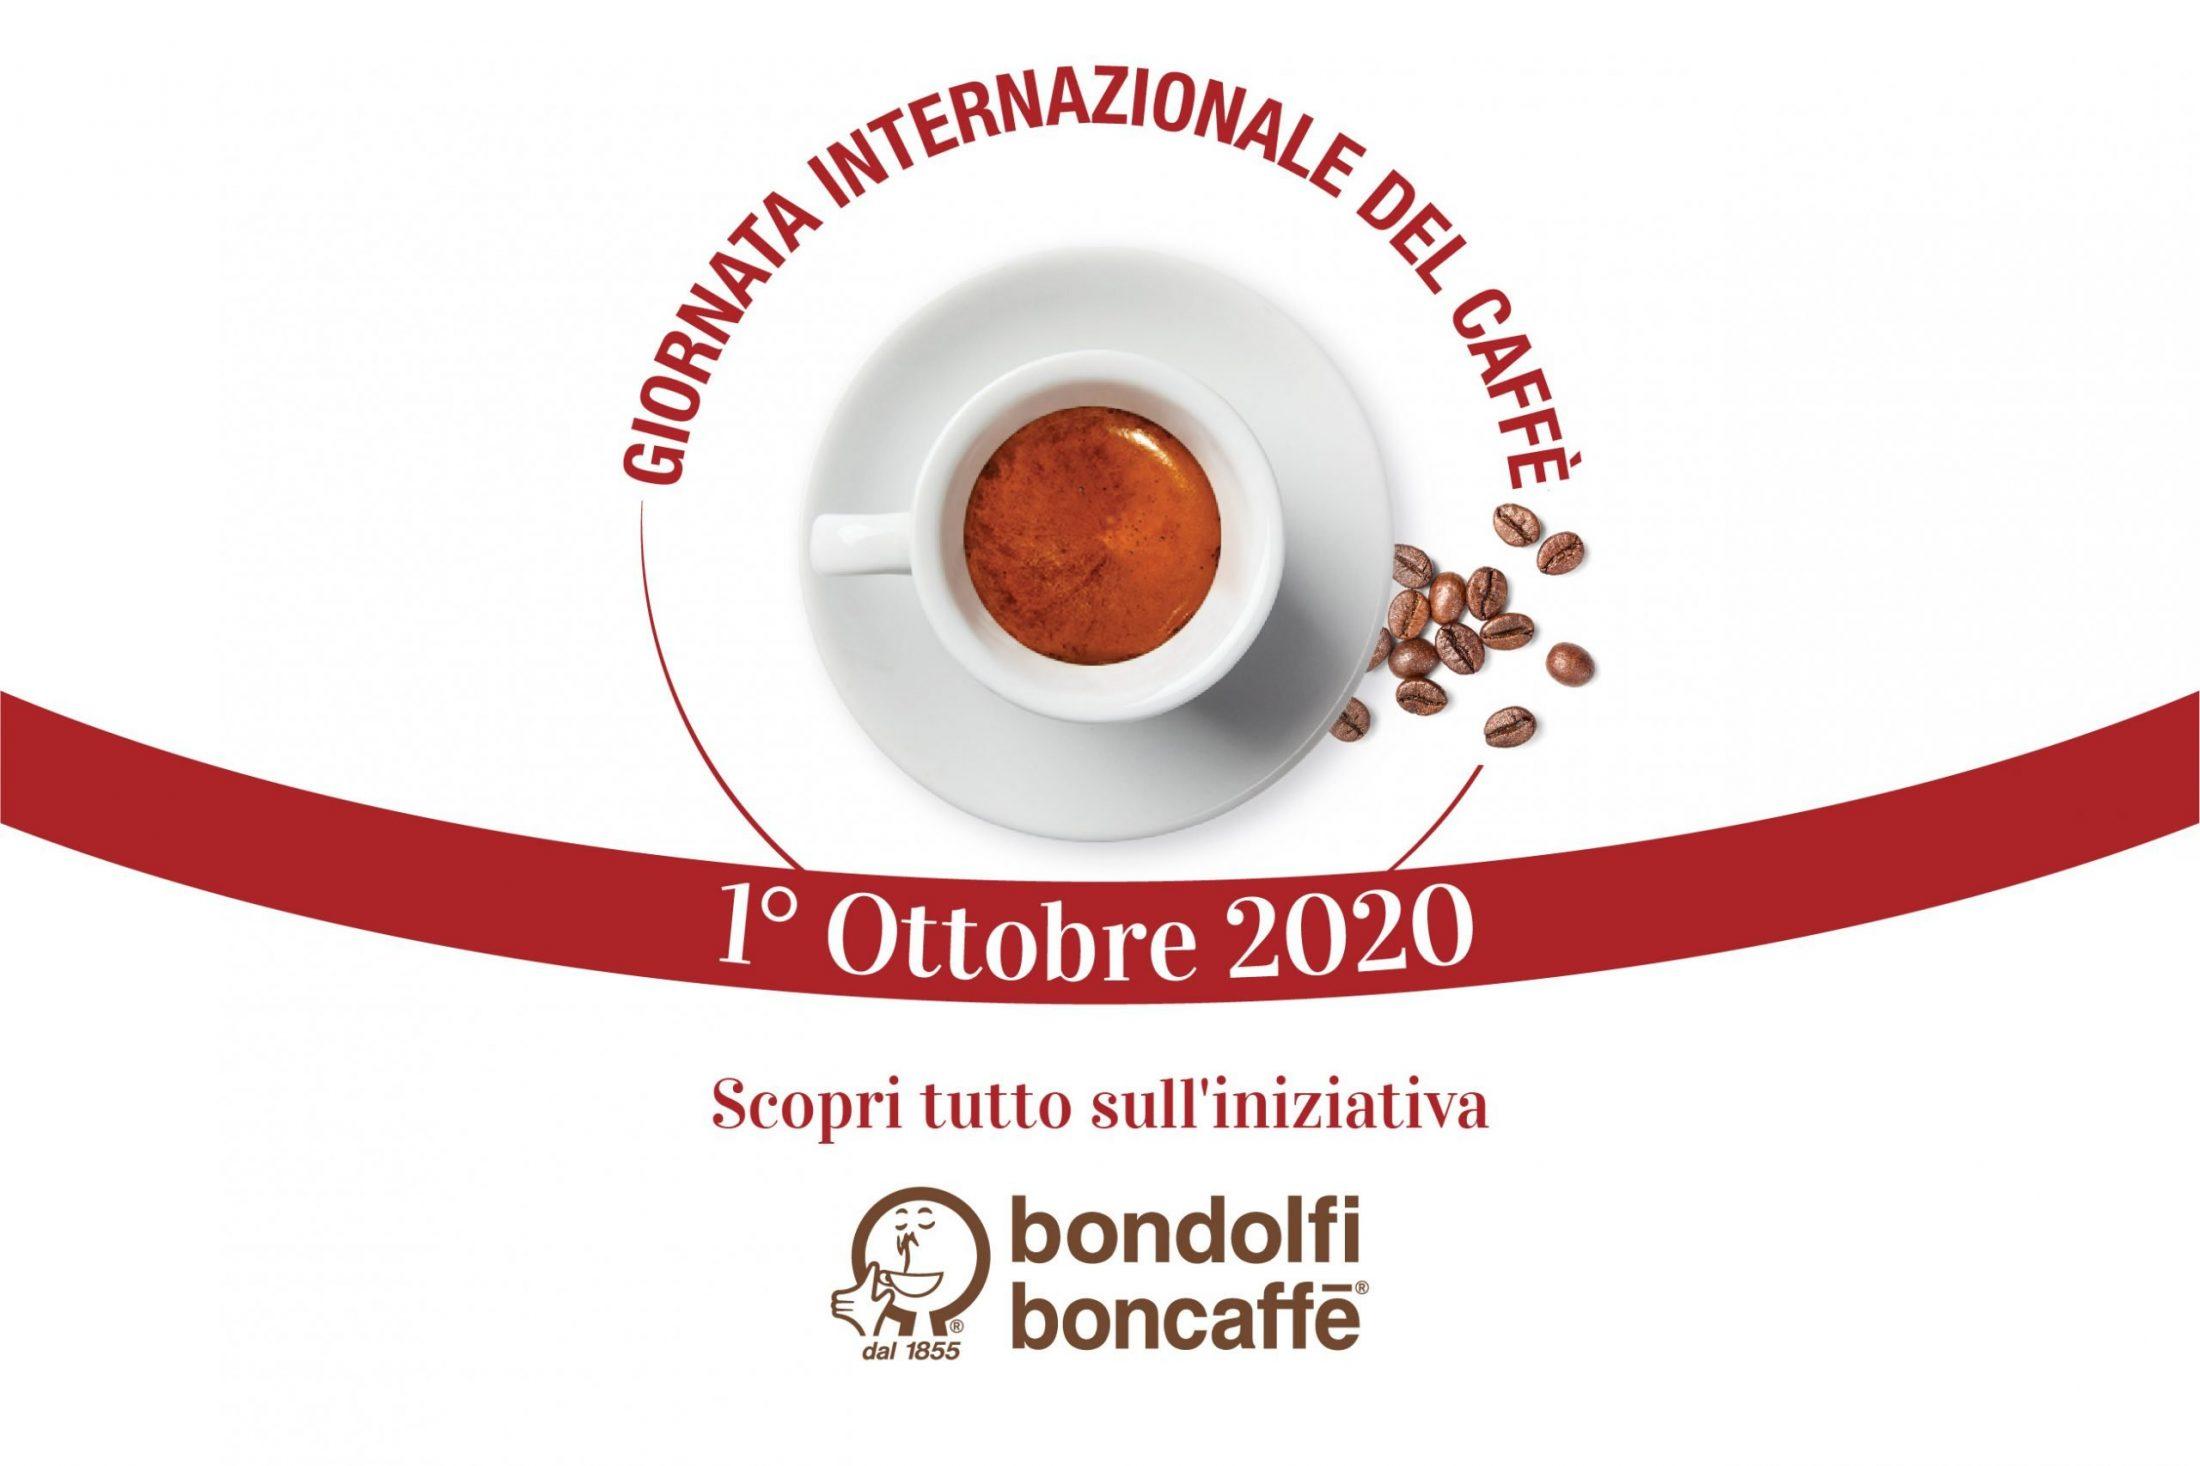 Giornata Internazionale del Caffè - Bondolfi